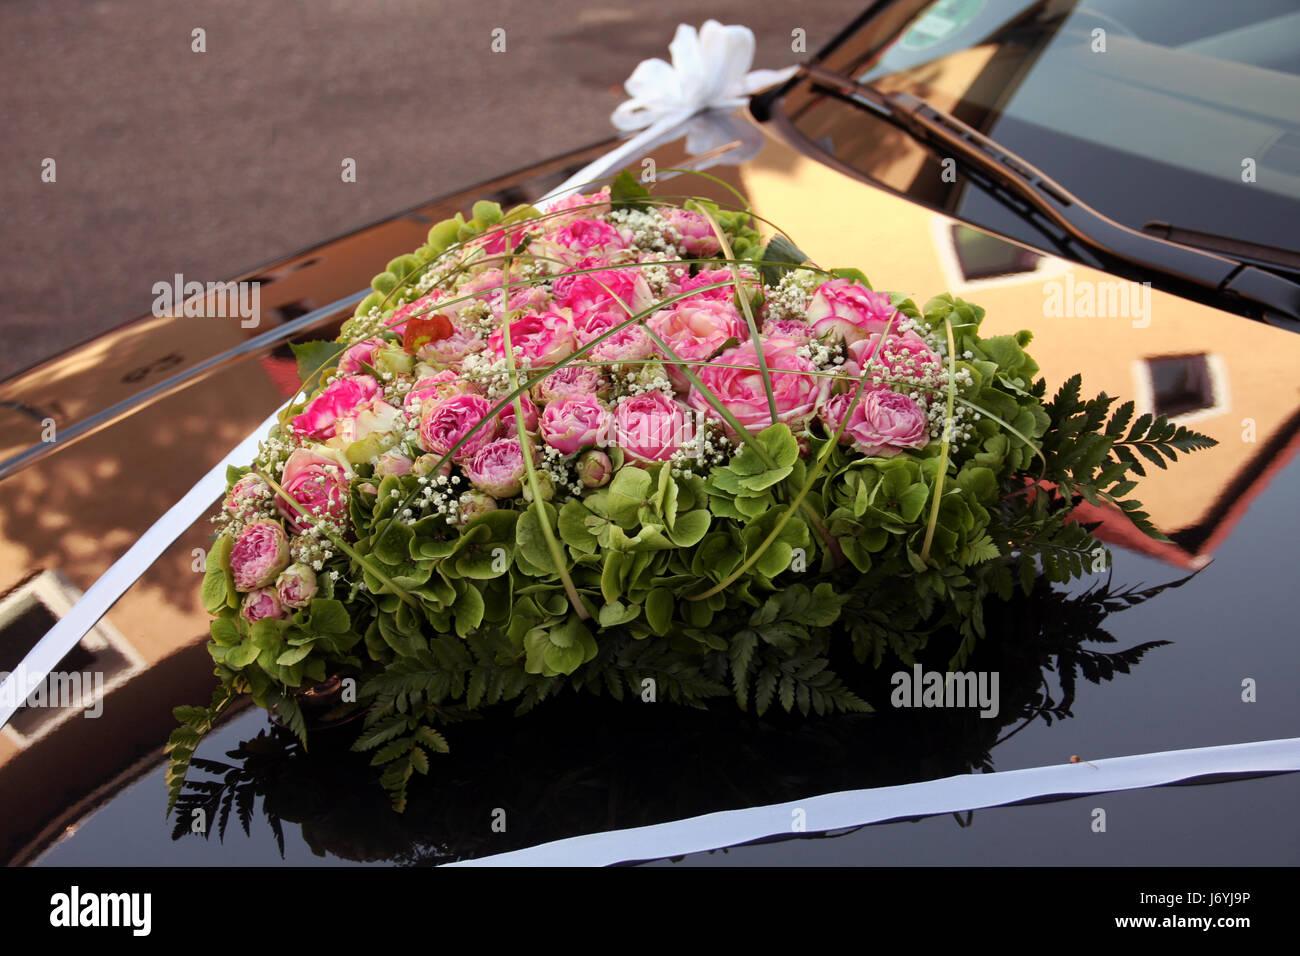 Blumen Bouquet Eheschlieung Blumengebinde Gebinde Rosen Auto